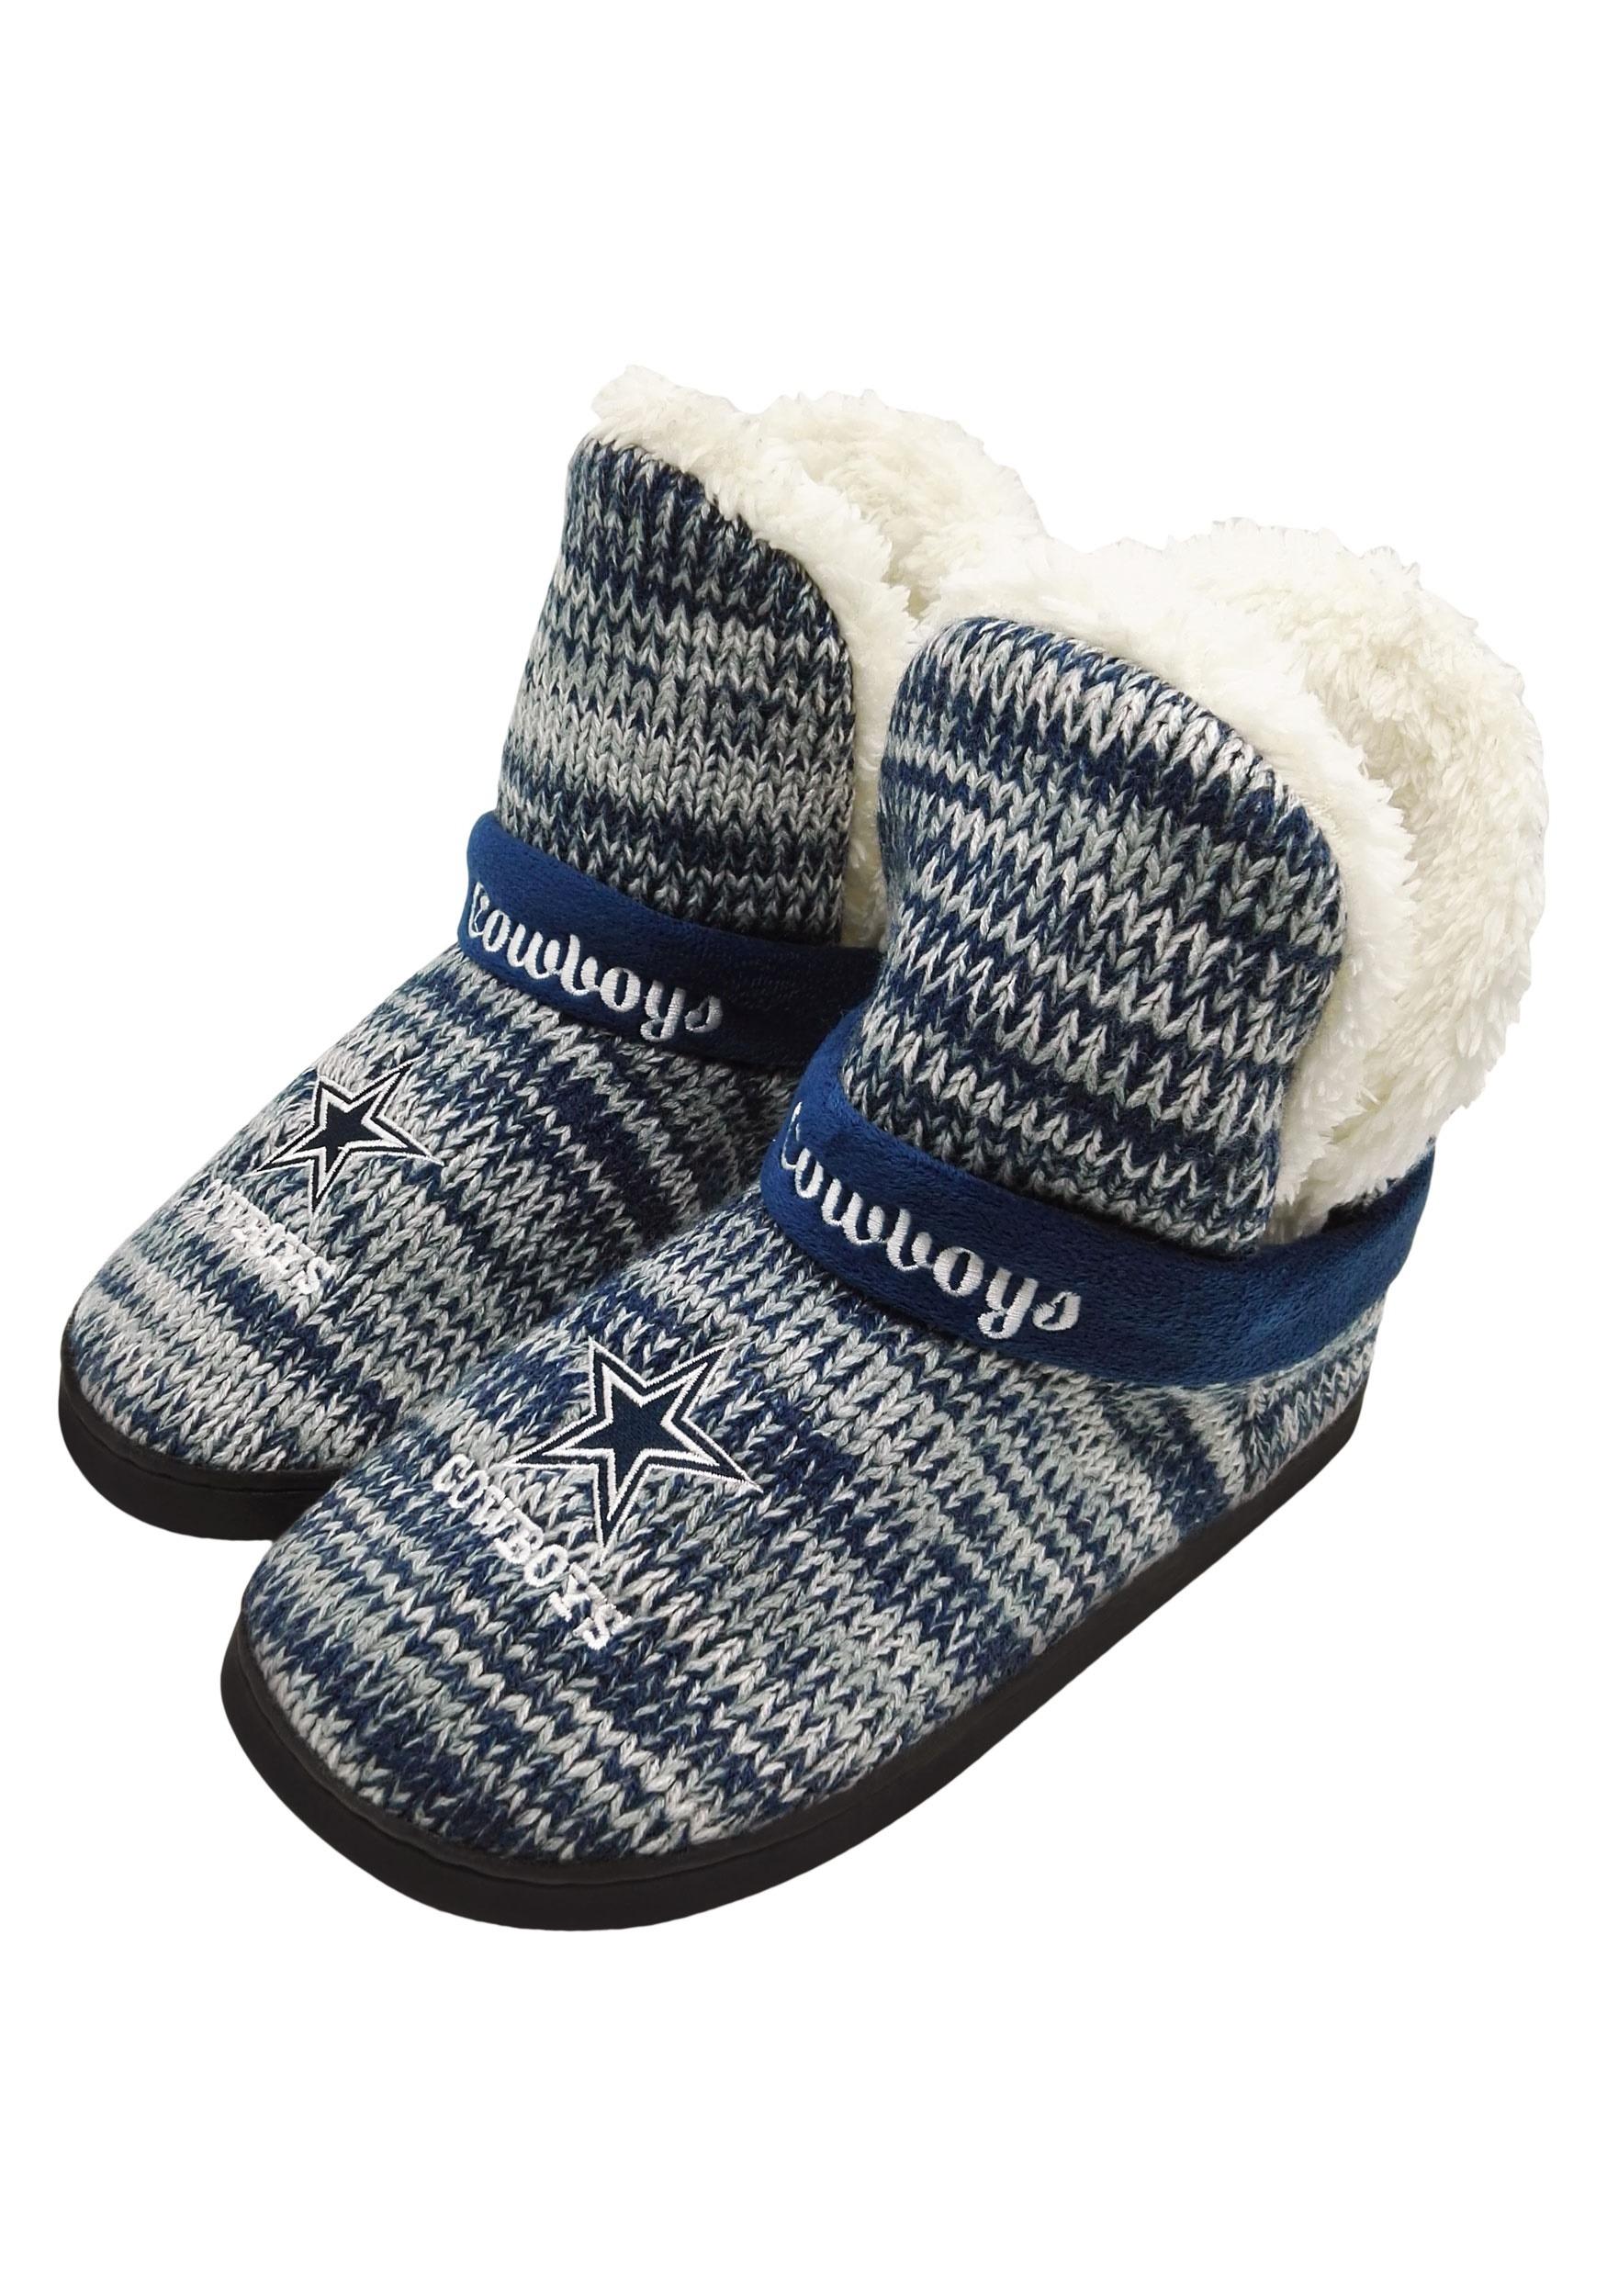 sale retailer 3d427 1bc3a Dallas Cowboys Women's Wordmark Peak Boots